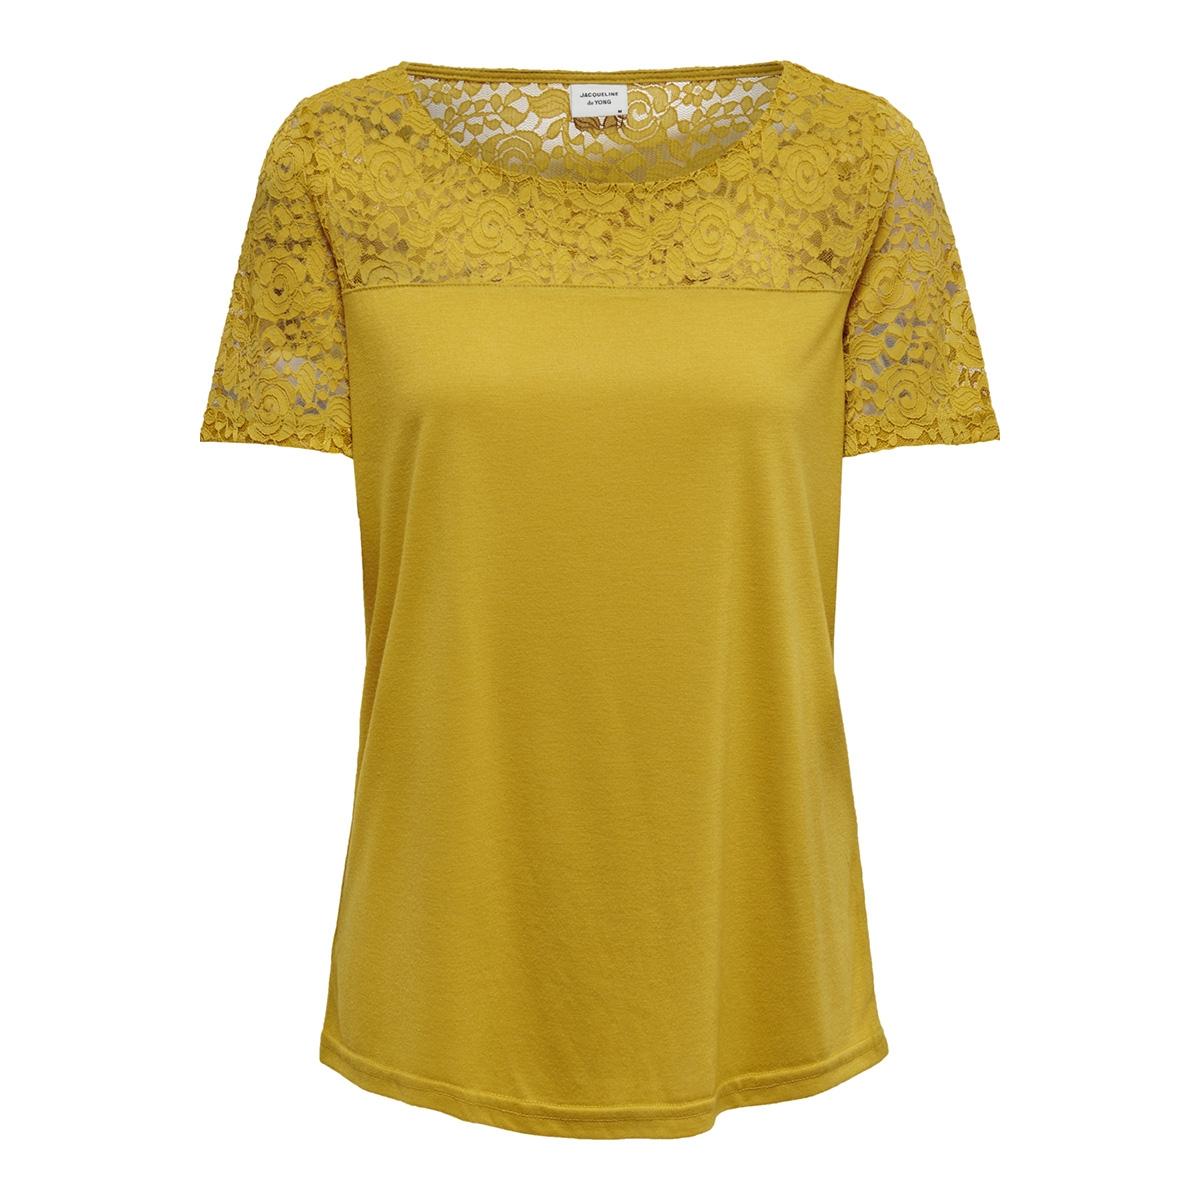 jdykimmie s/s top jrs 15161149 jacqueline de yong t-shirt tawny olive/dtm lace